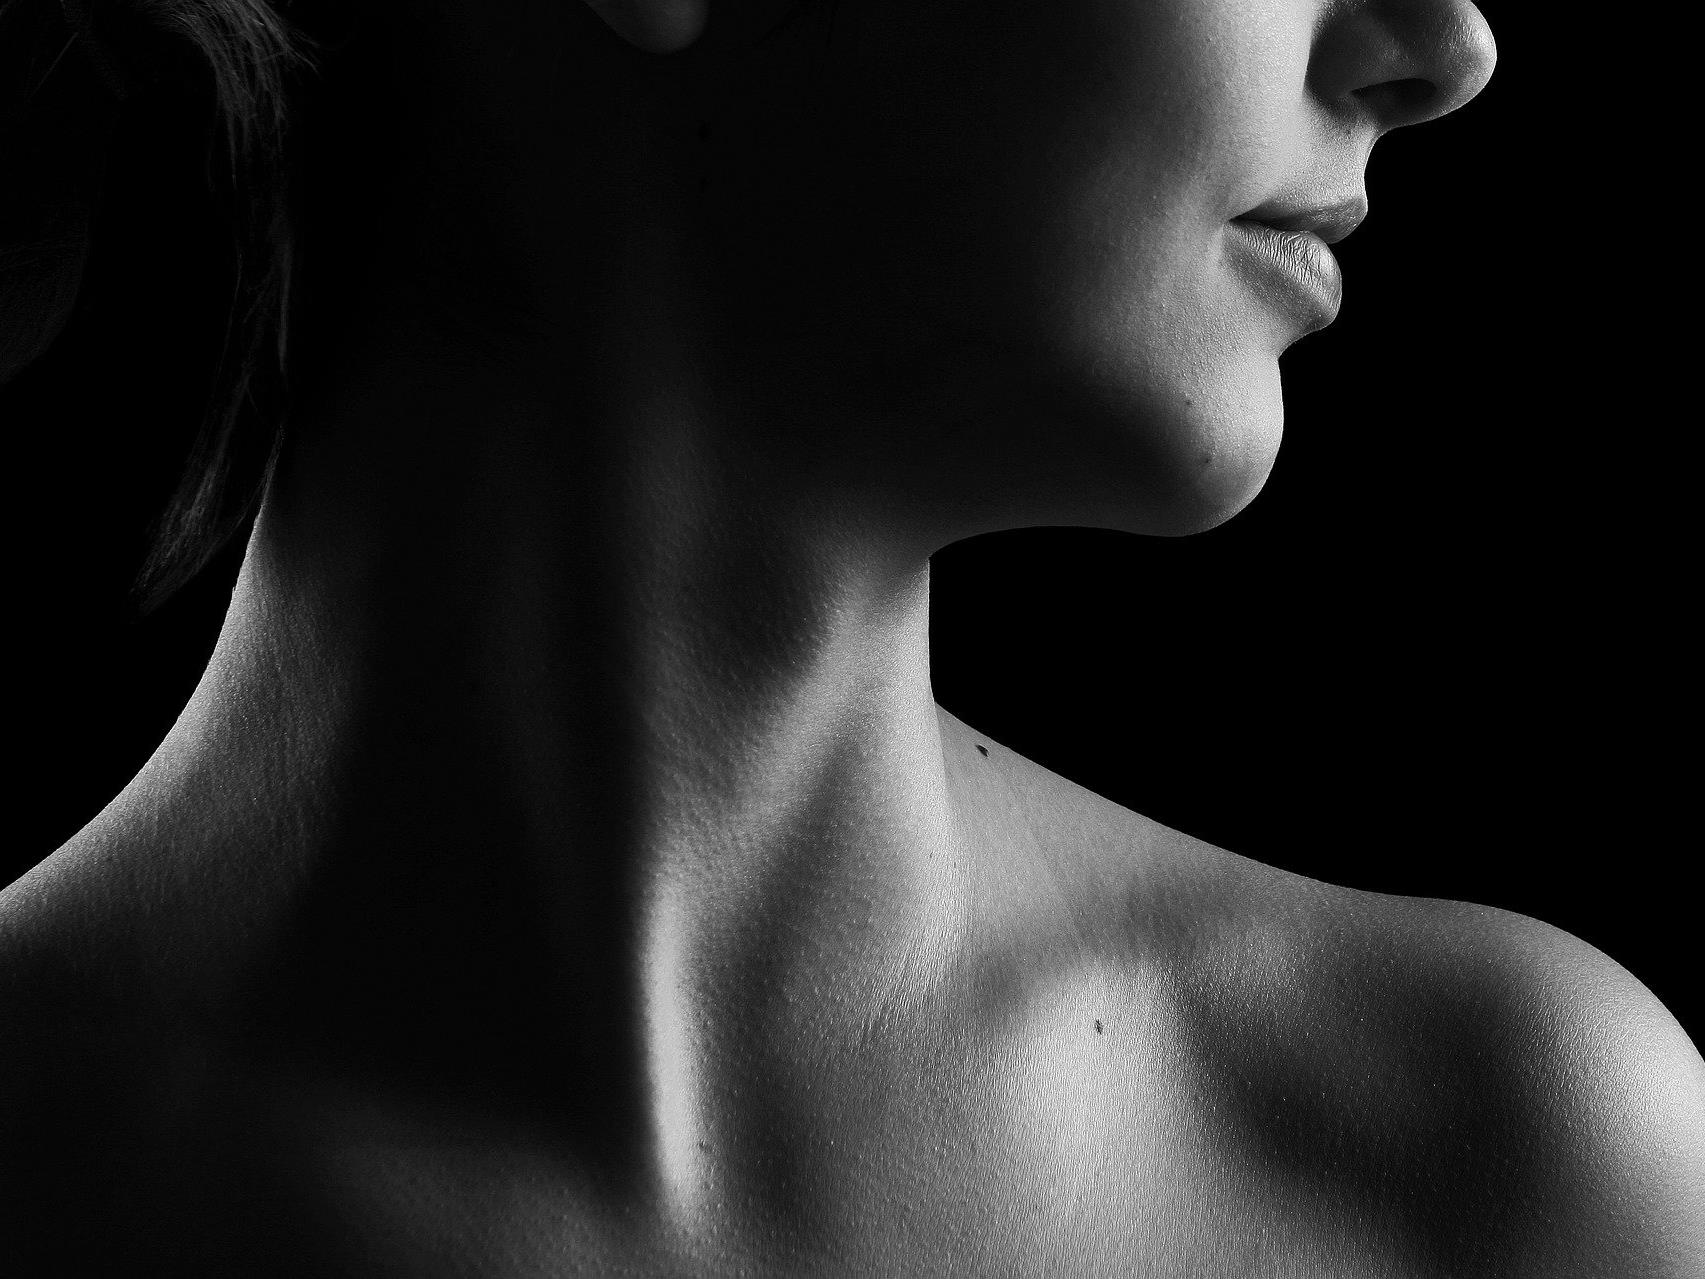 Gibt es ein gesundheitliches Risiko wenn man mit dem Nacken knackt?